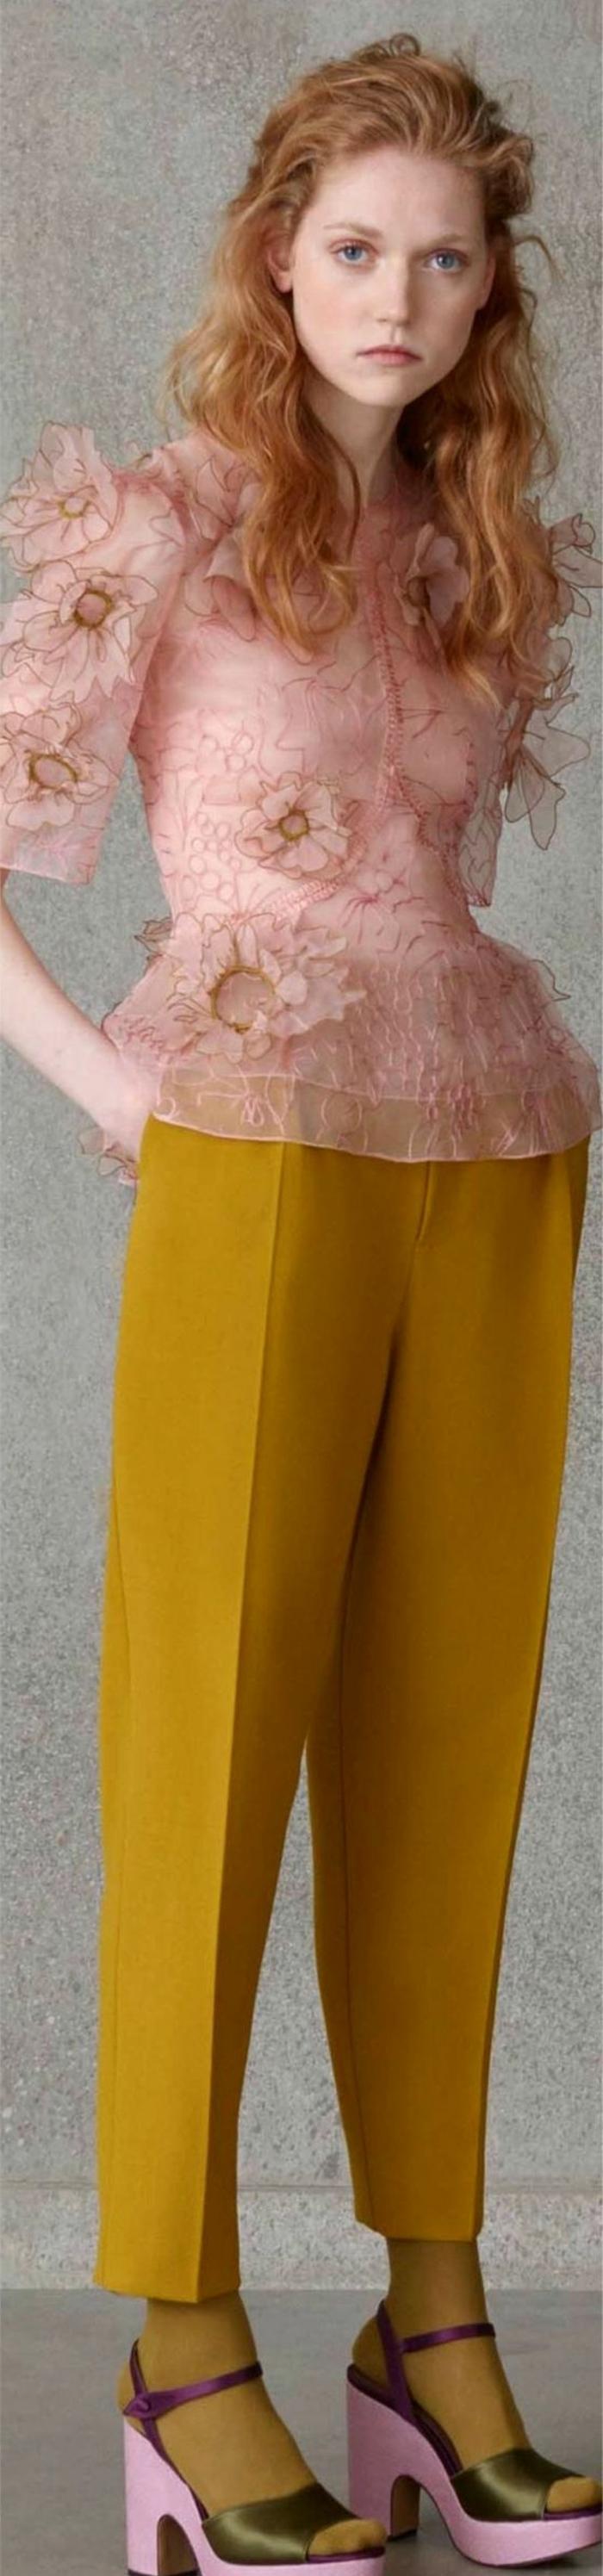 couleur-moutarde-chemise-rose-et-pantalon-jaune